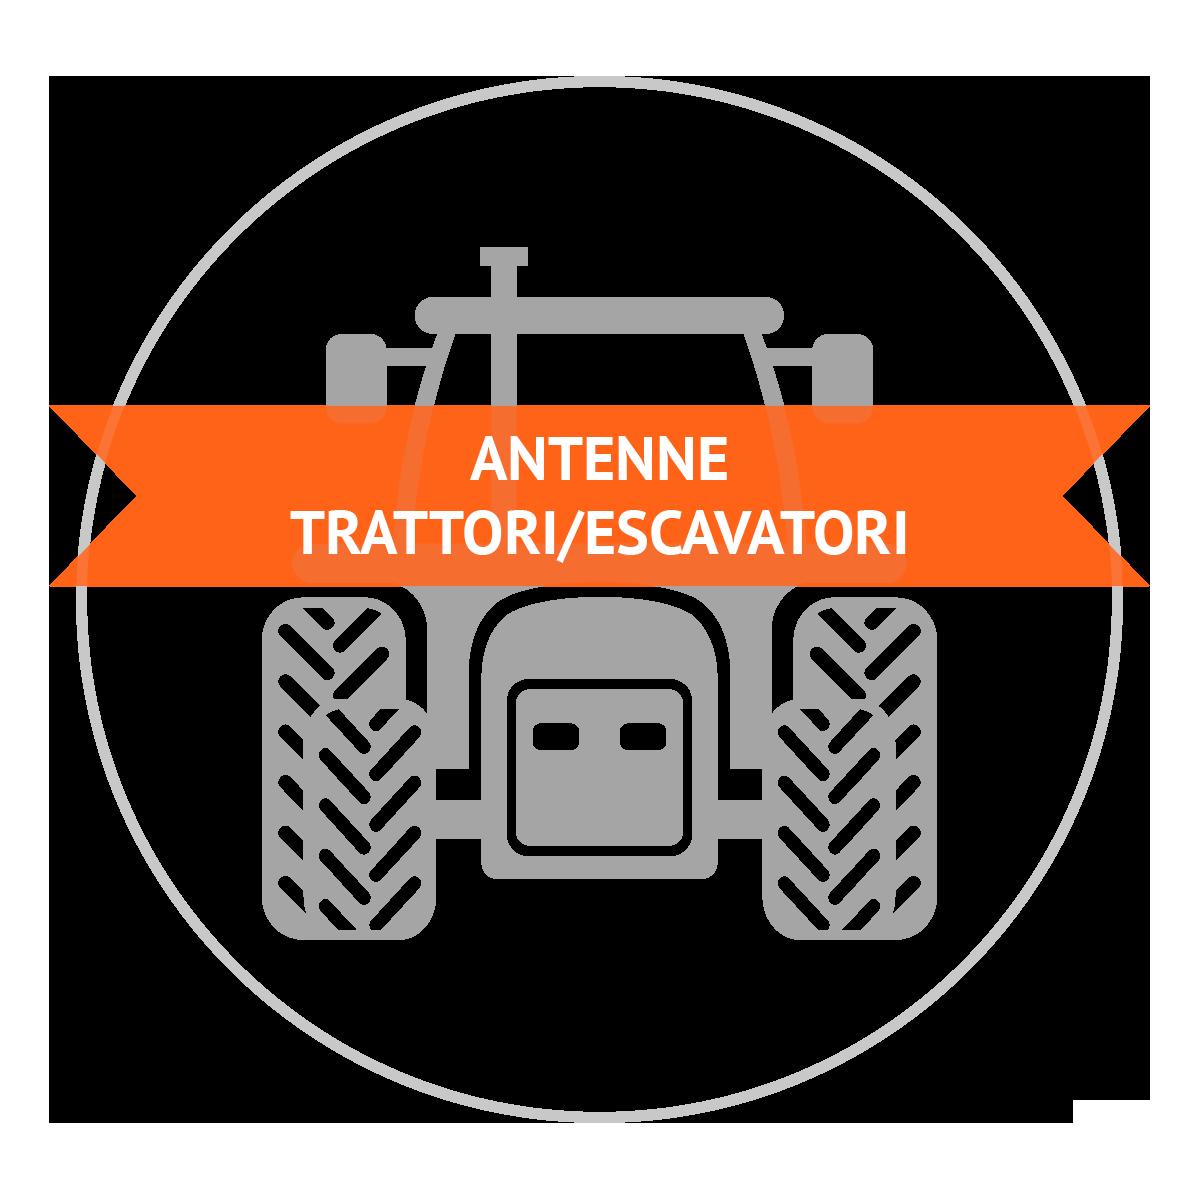 antenne-trattori-ico